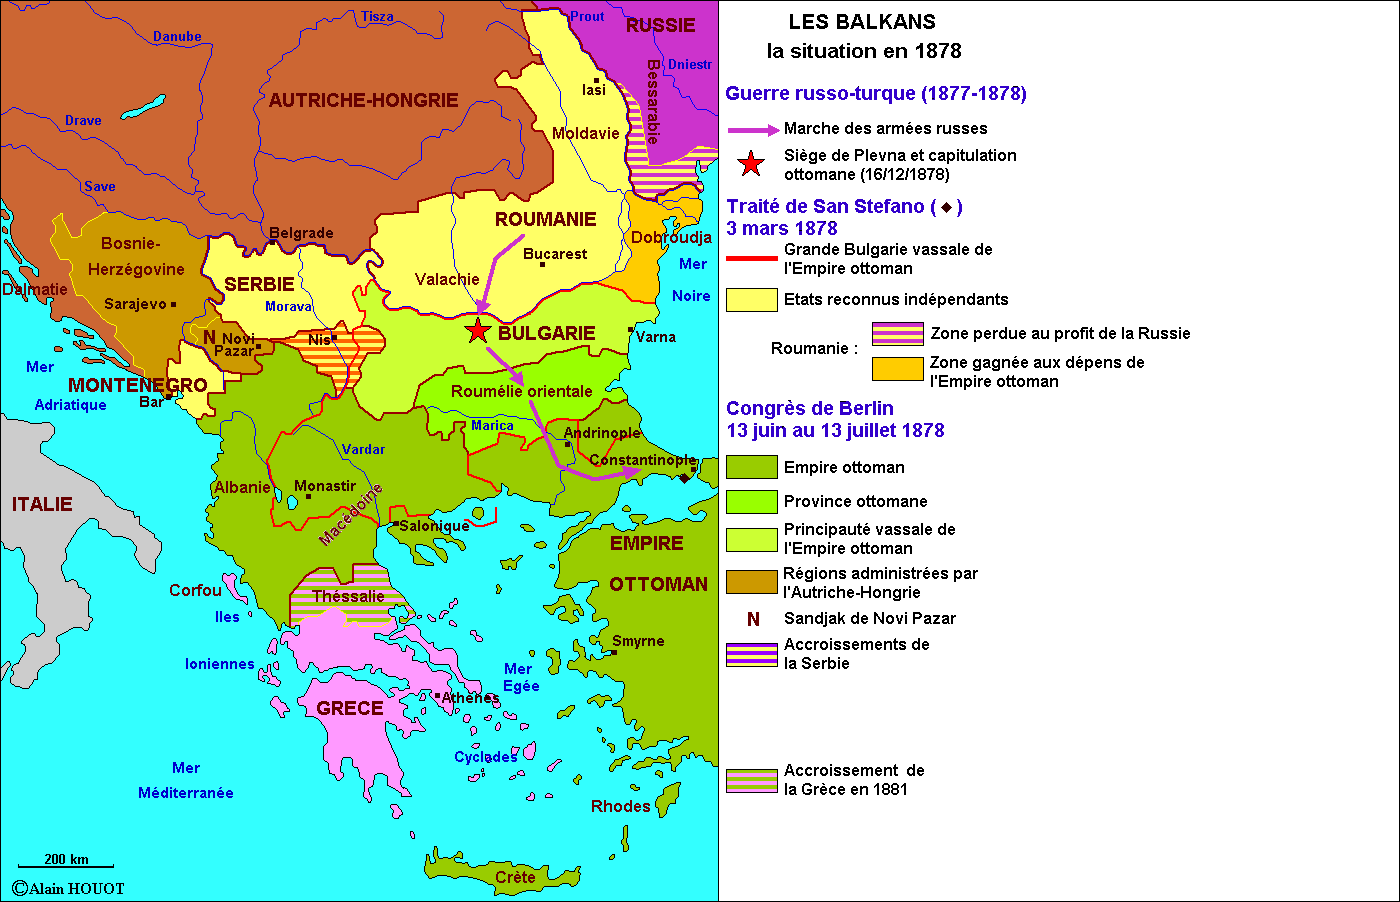 Les Balkans,1878